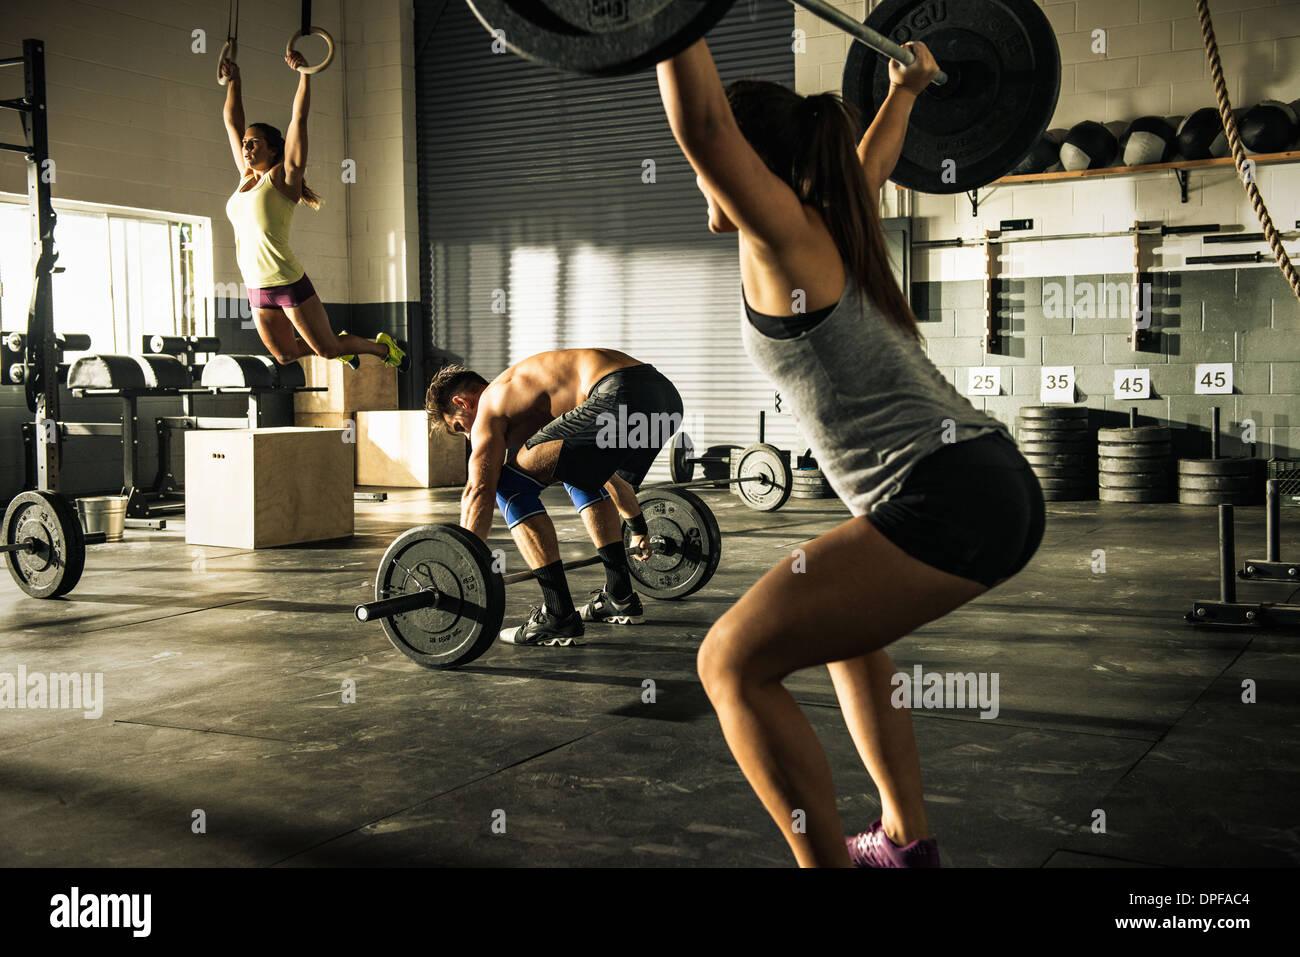 La formación de personas con barras y anillos de gimnasio Foto de stock